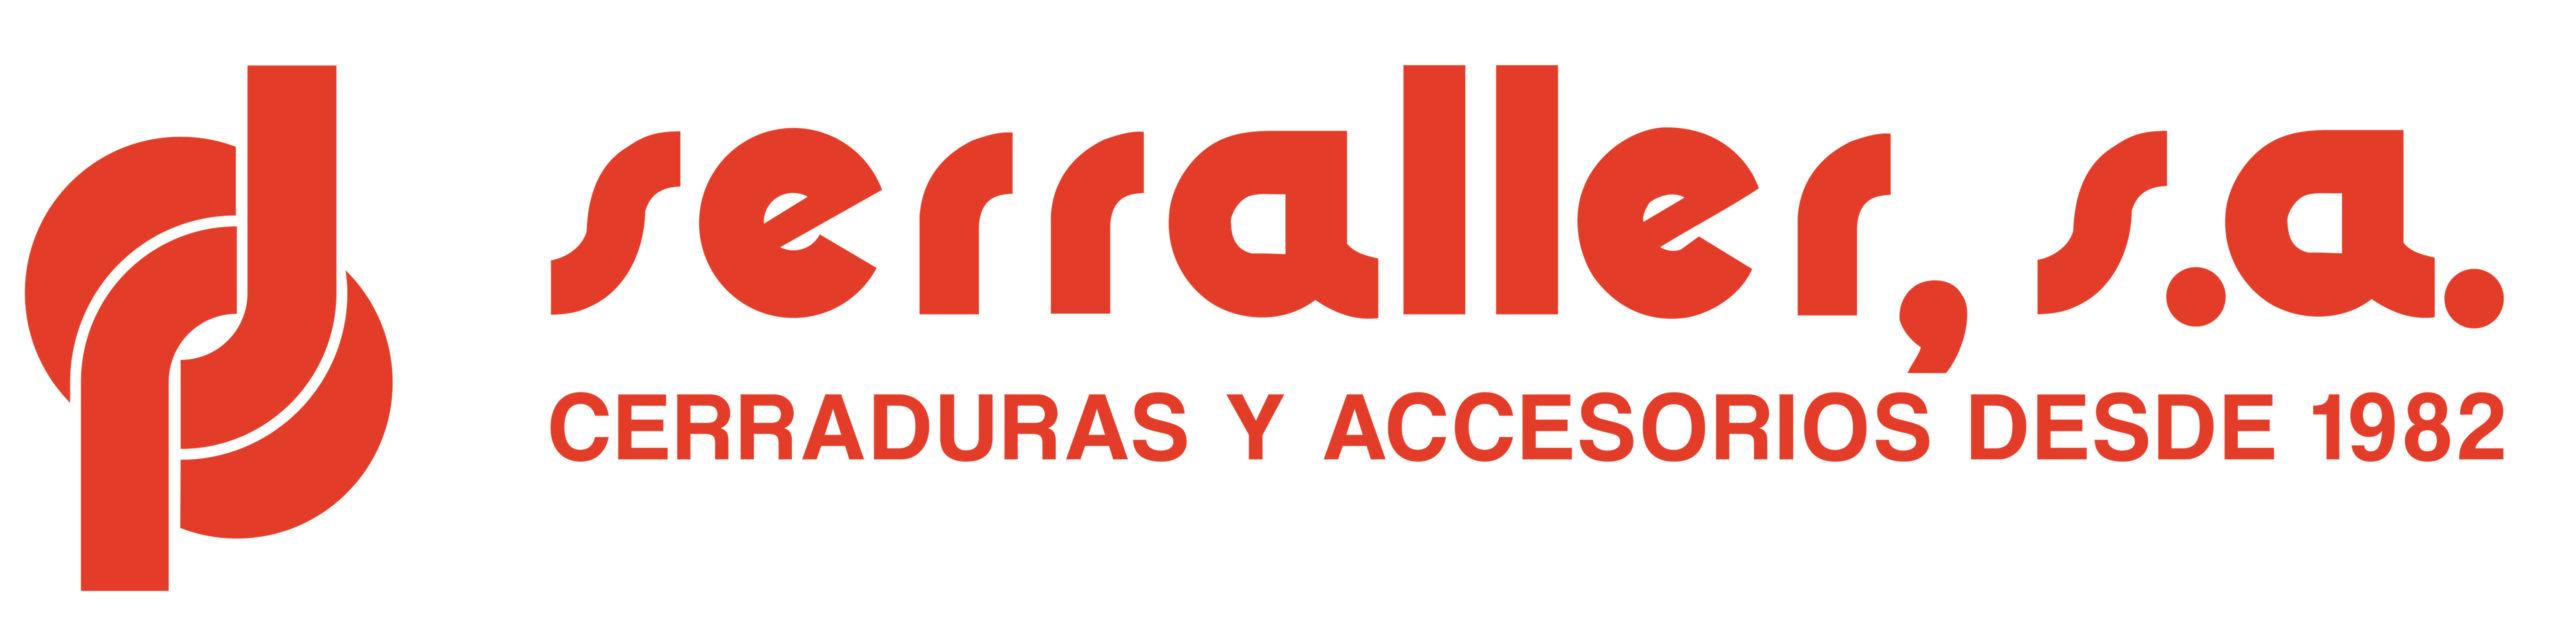 Descárgate el nuevo catálogo de Serraller